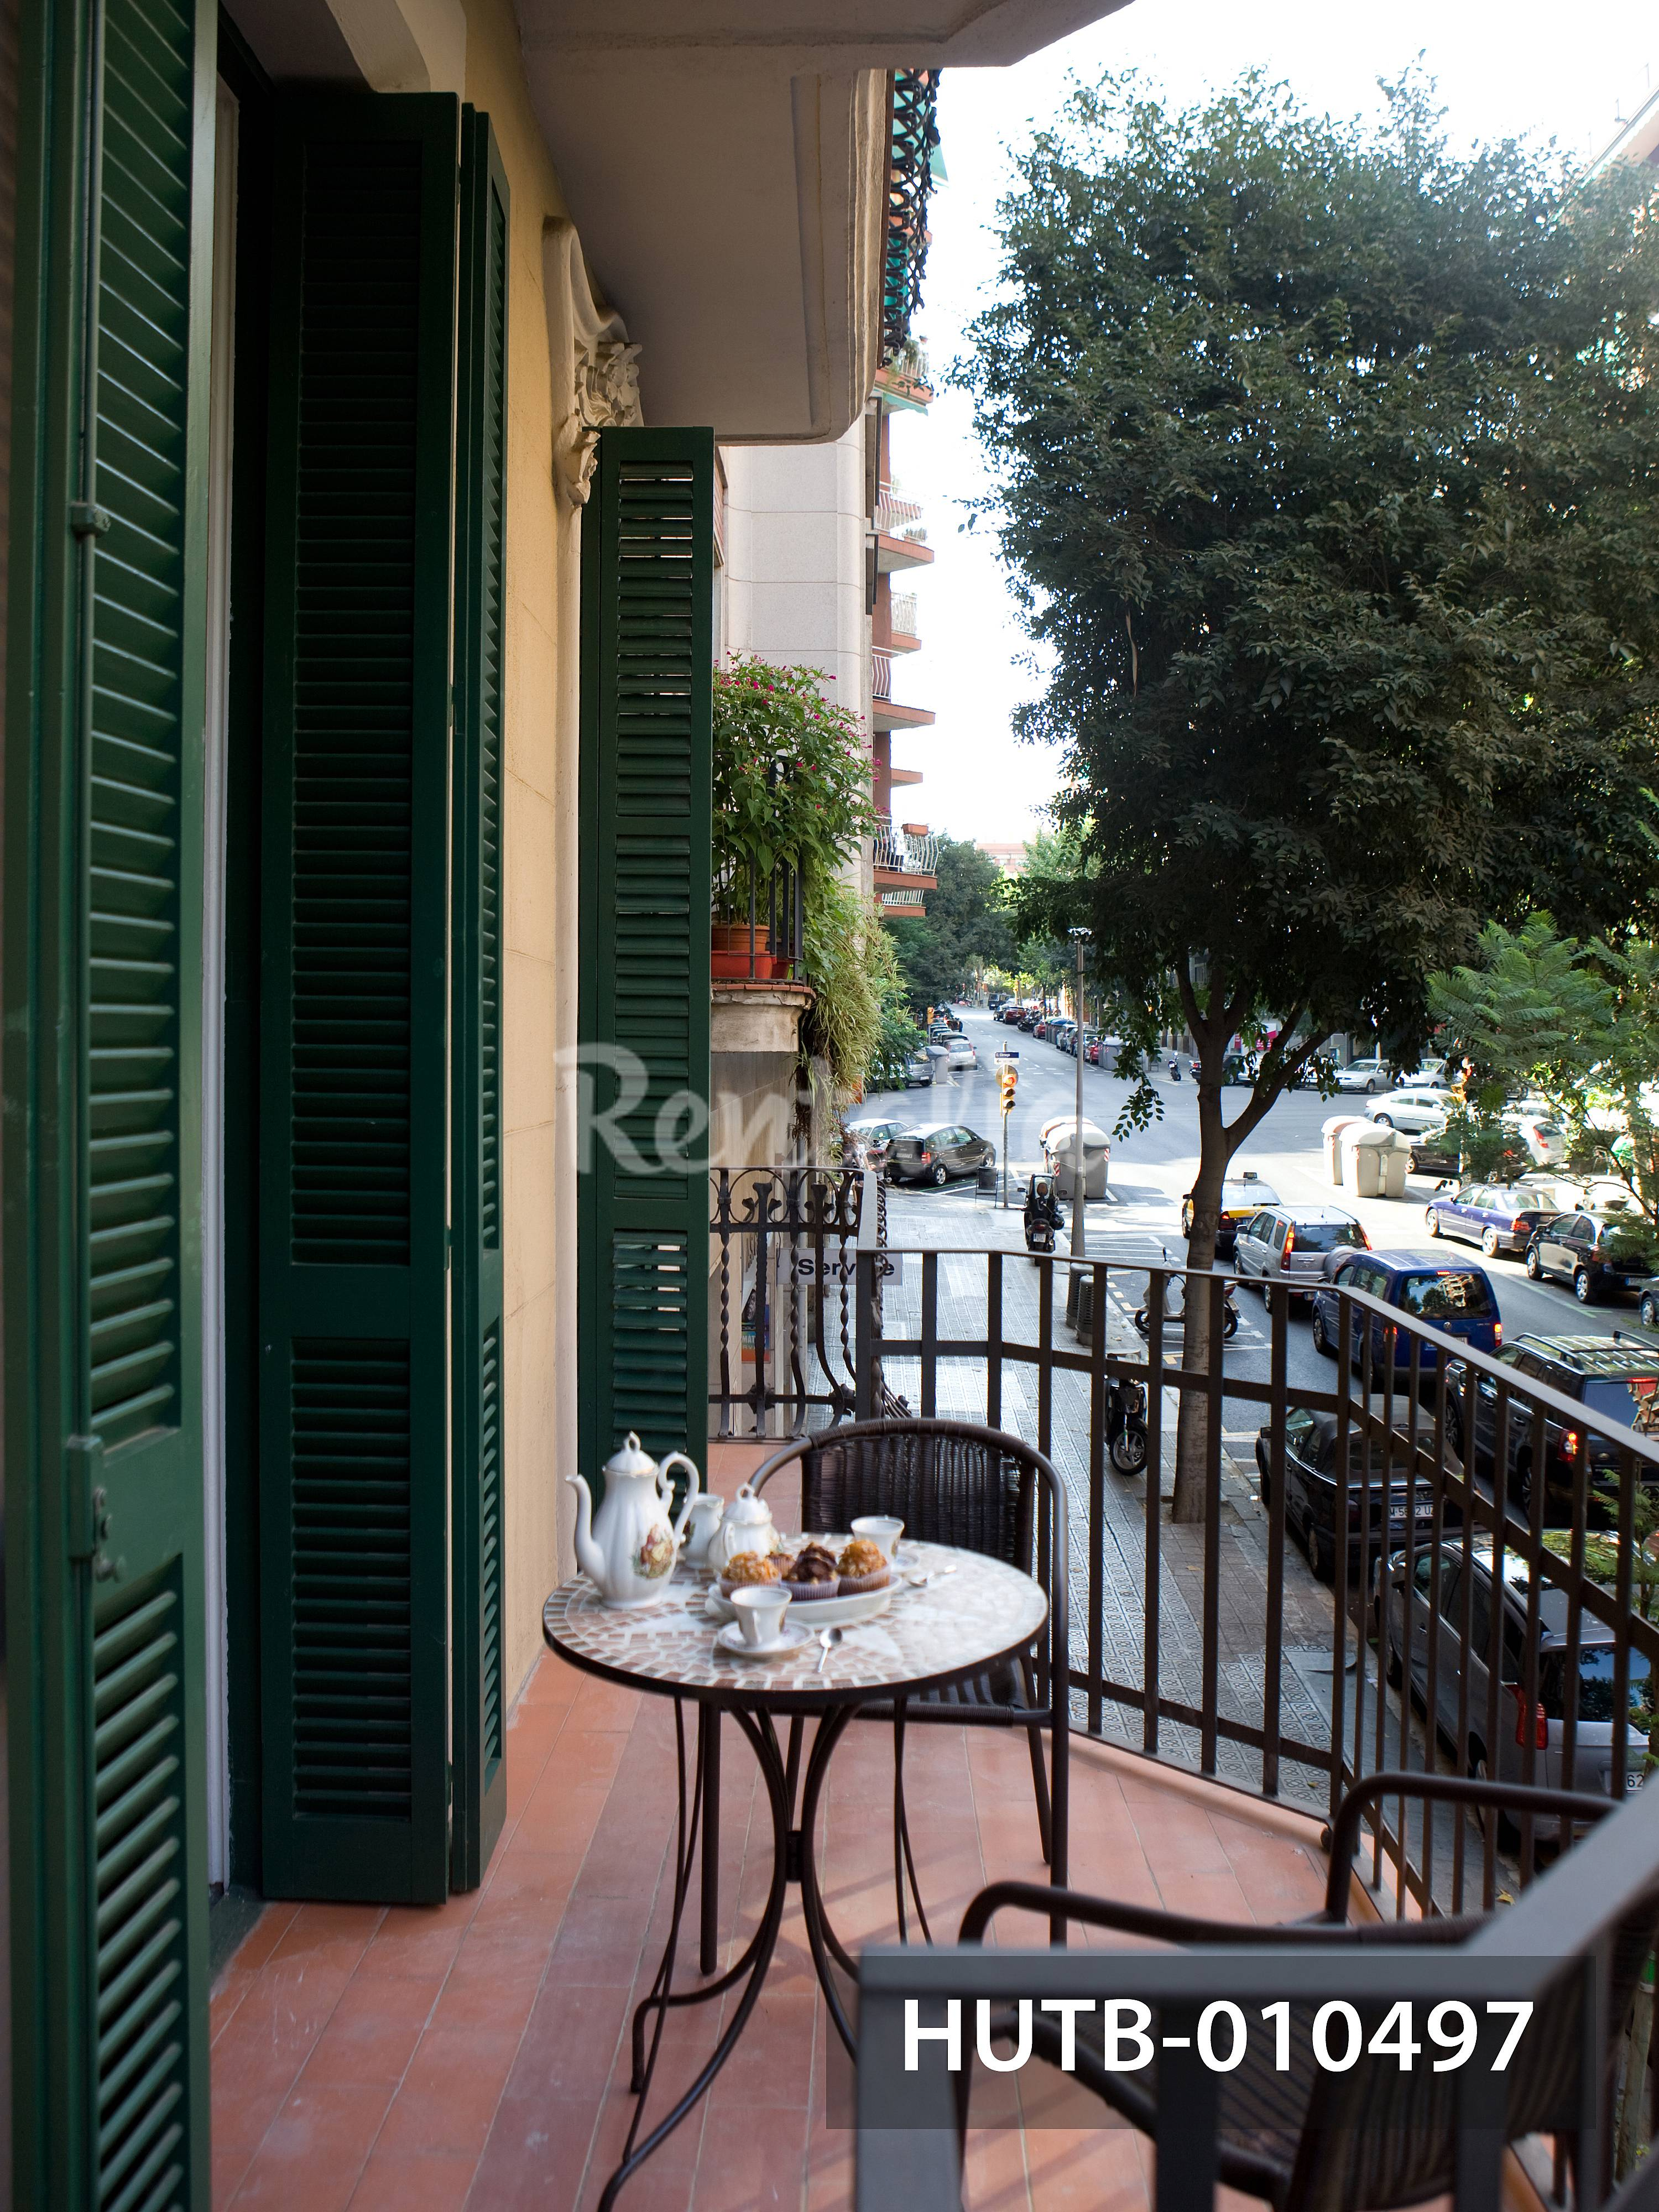 Appartement de 4 chambres barcelona centre barcelone - Chambres d hotes barcelone centre ville ...